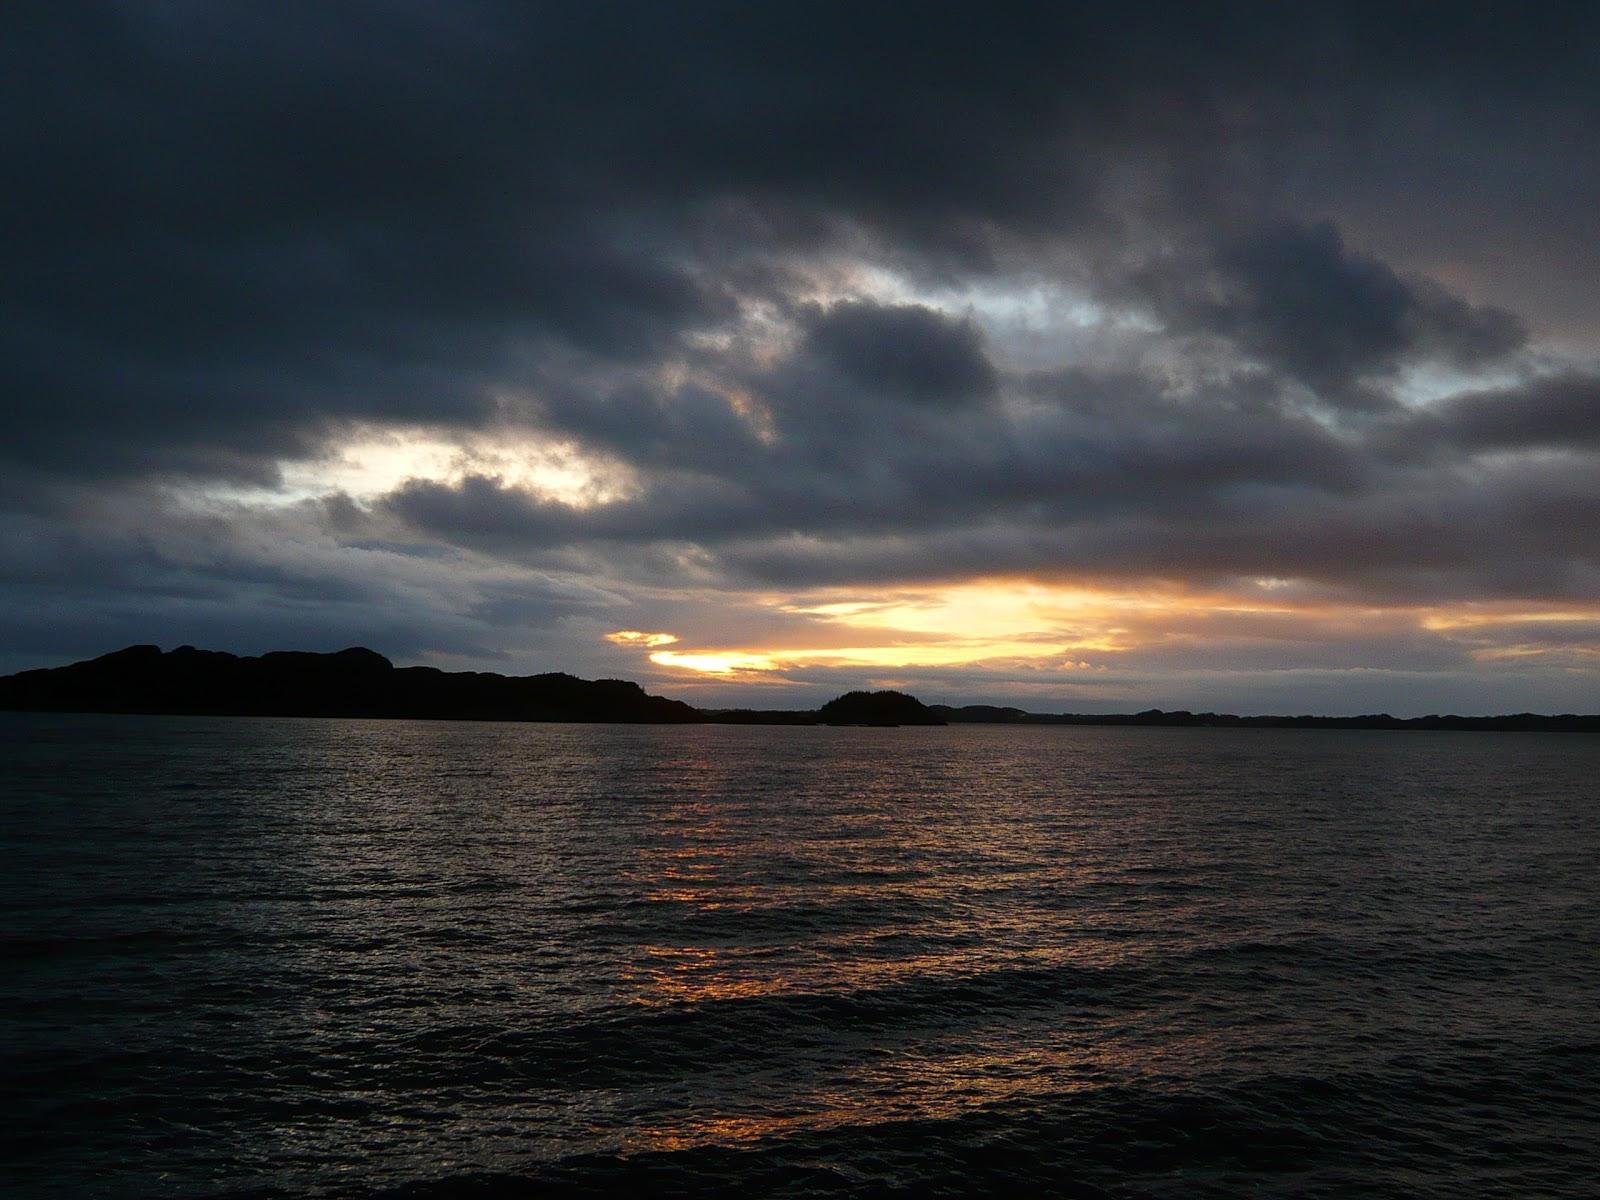 Camille et laure en norv ge d cembre 2012 - Quelle heure le soleil se couche ...